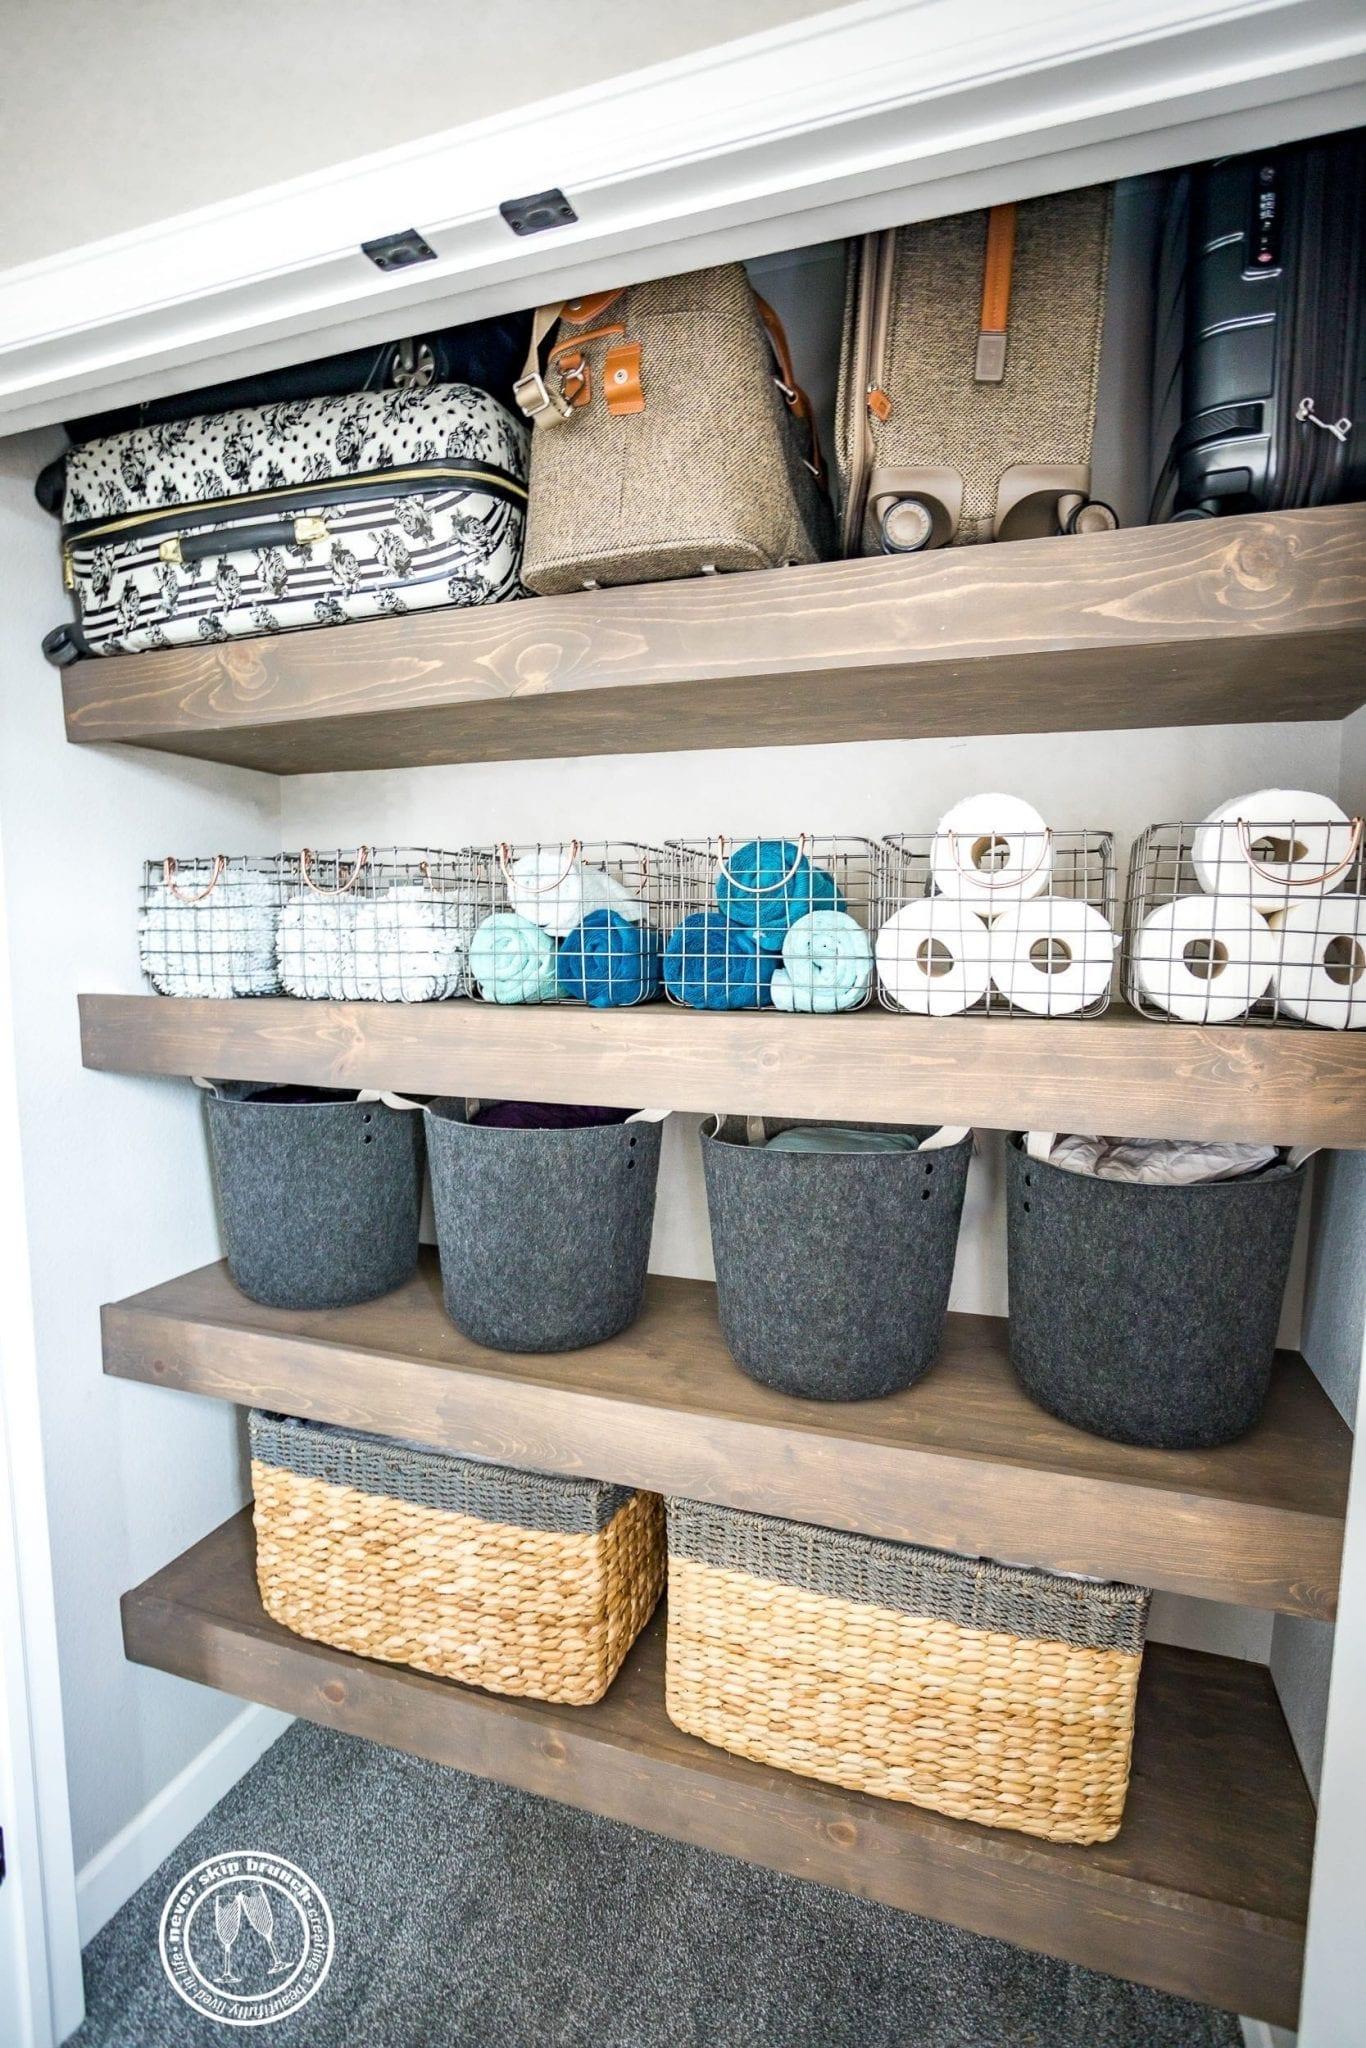 Linen Closet Organization Goals Before After Hiring A